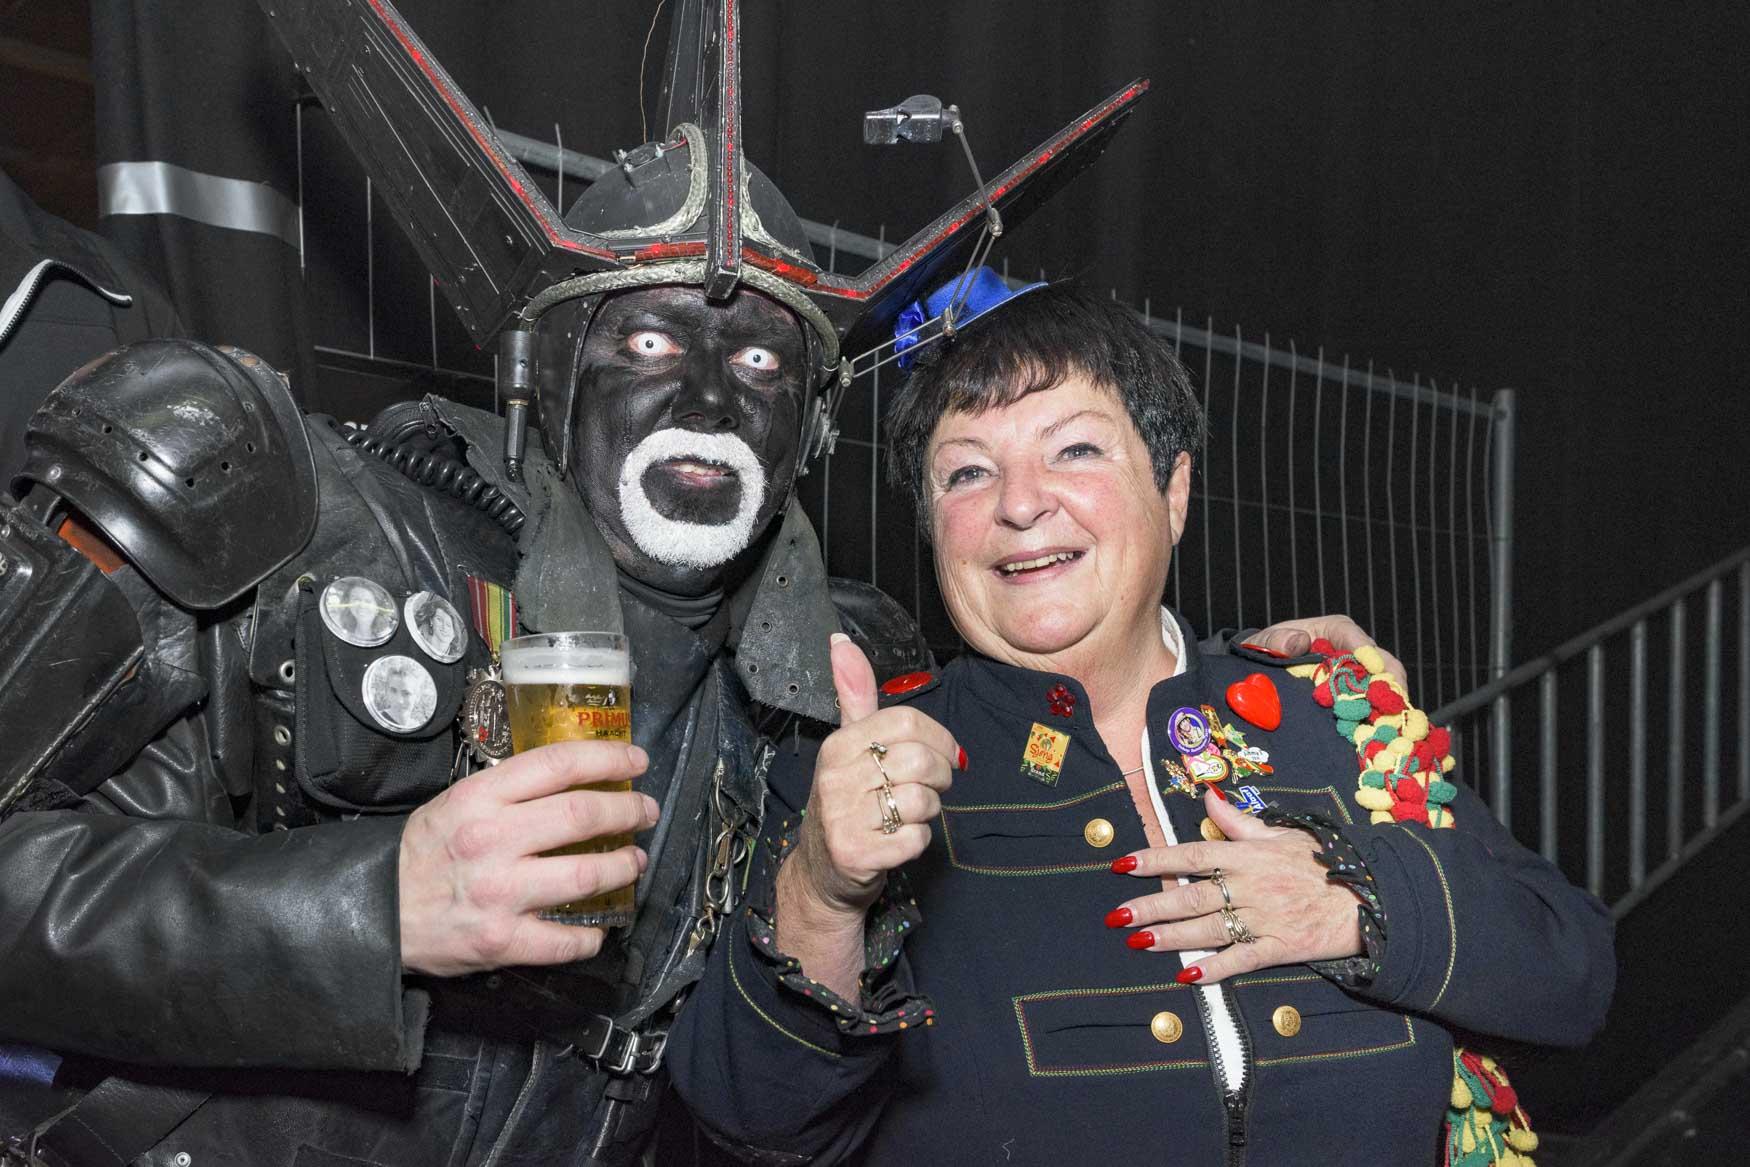 Beppie Kraft treedt op in de Muziekgieterij op een feest van sambaband Segura! | sas schilten fotografie